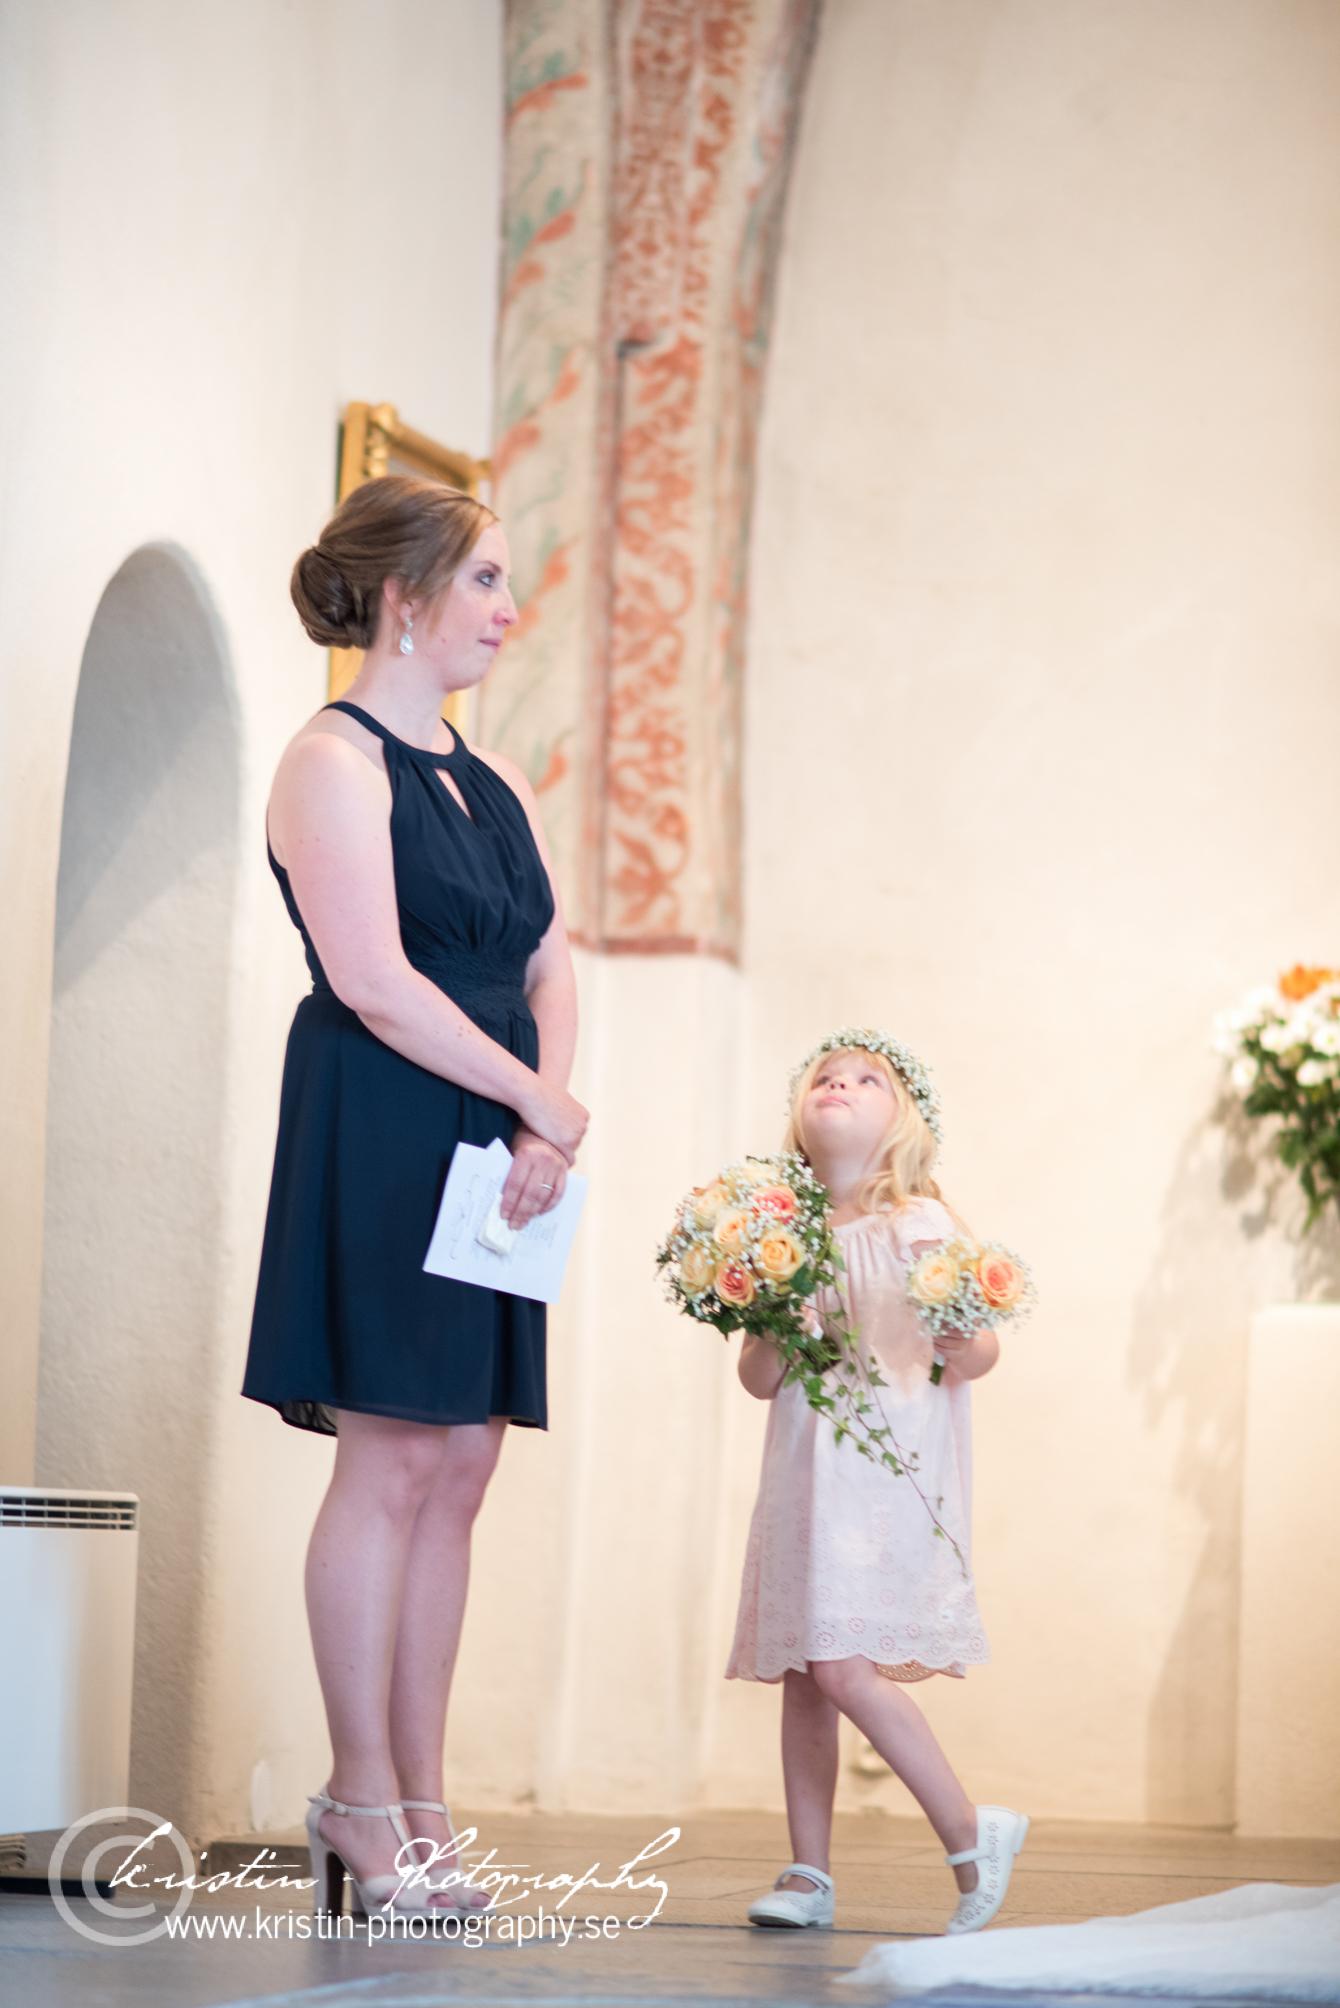 Bröllopsfotograf i Eskilstuna, Kristin - Photography, weddingphotographer -124.jpg